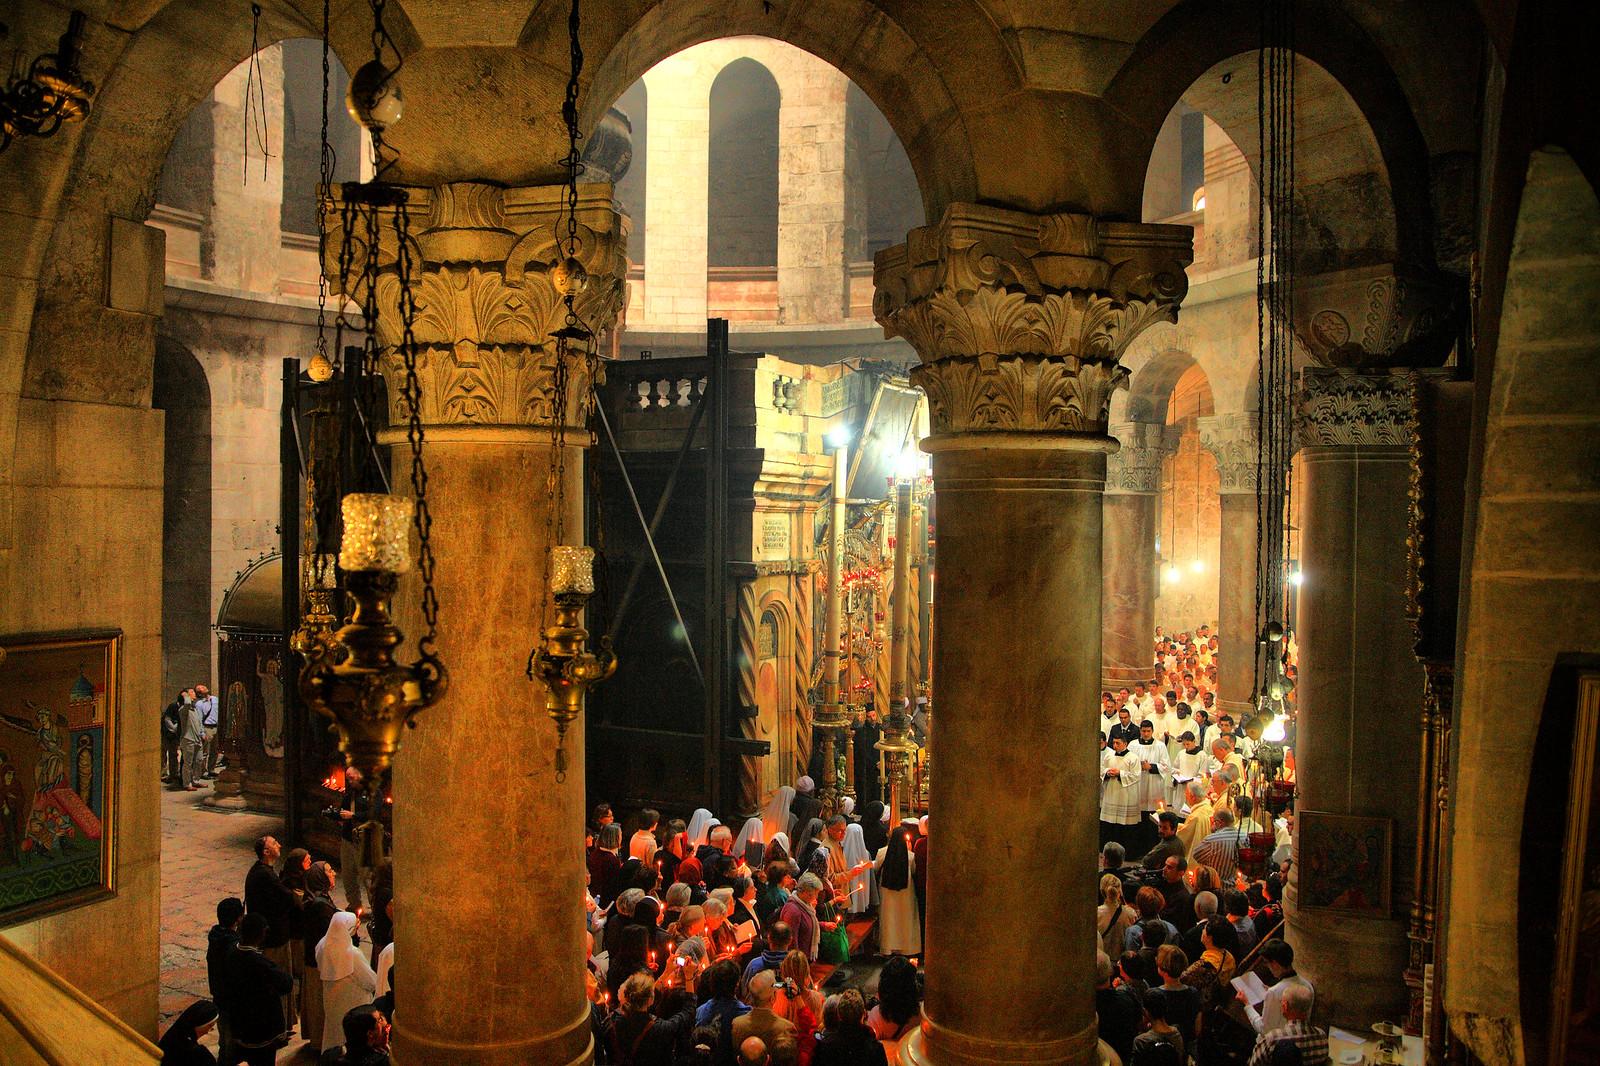 Jerusalem_Holy Sepulcher_12_Noam Chen_IMOT